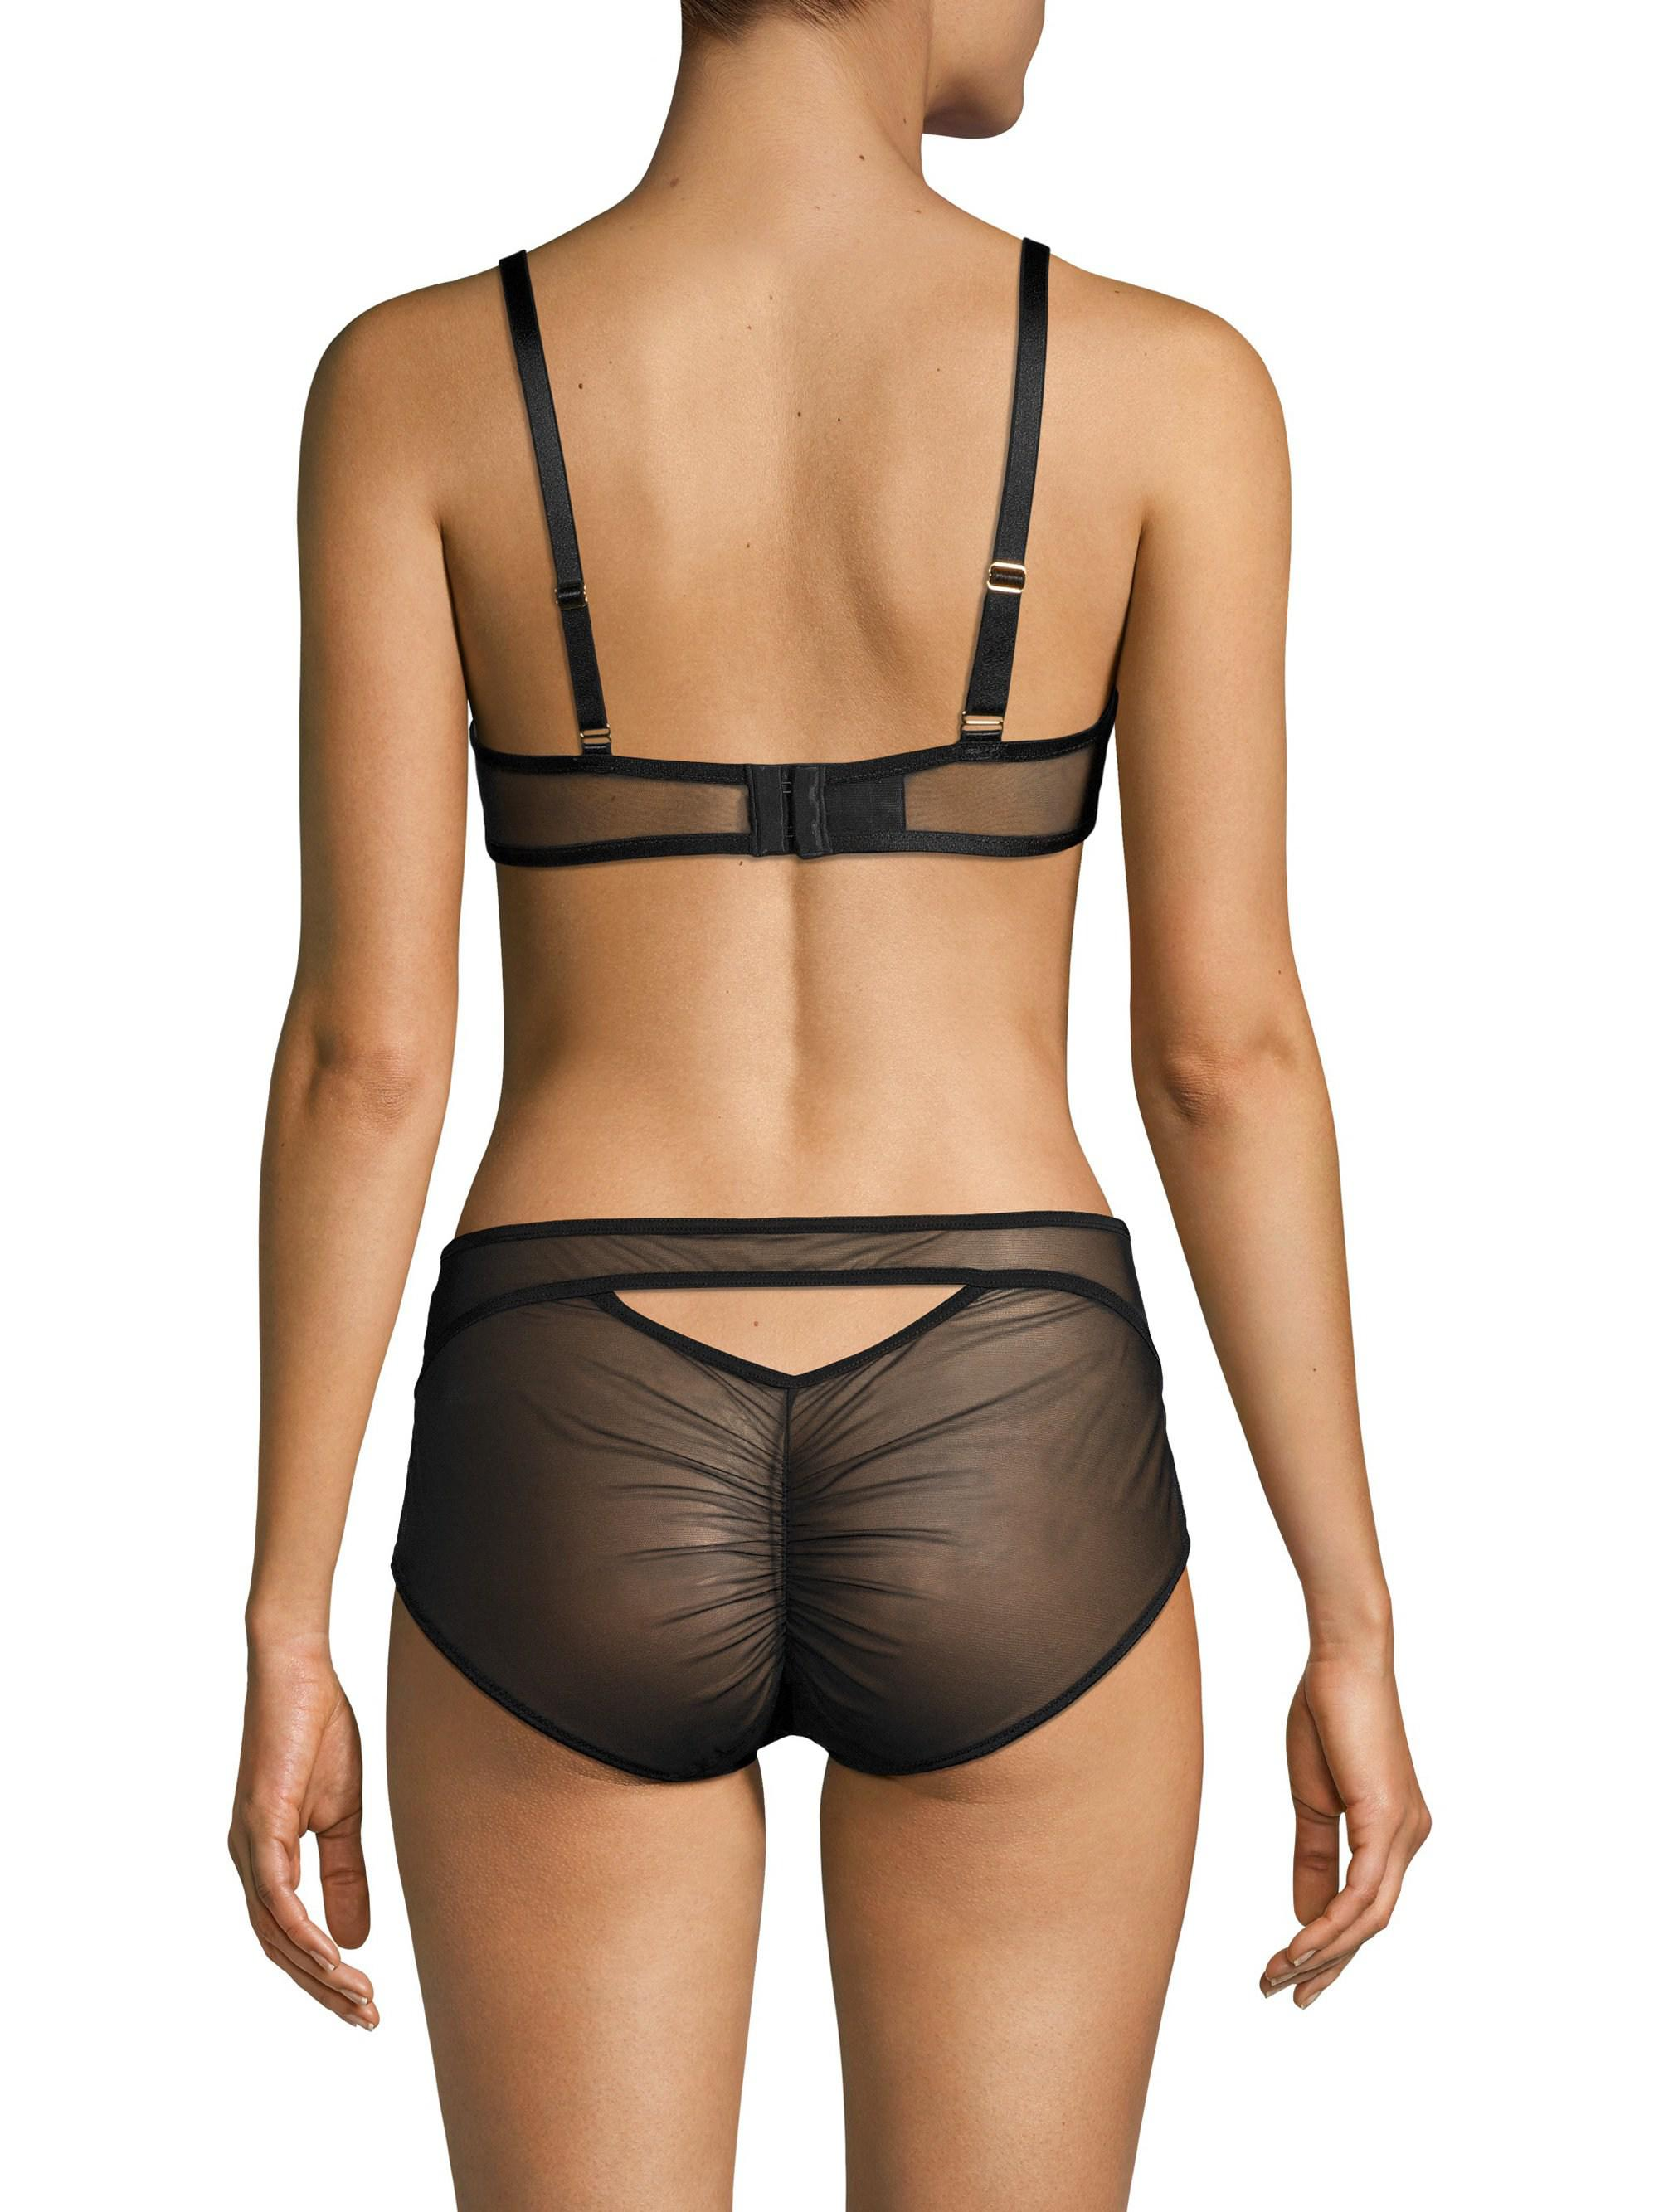 23d57ff1c1 Chantelle - Black Etoile Cami Bra - Lyst. View fullscreen